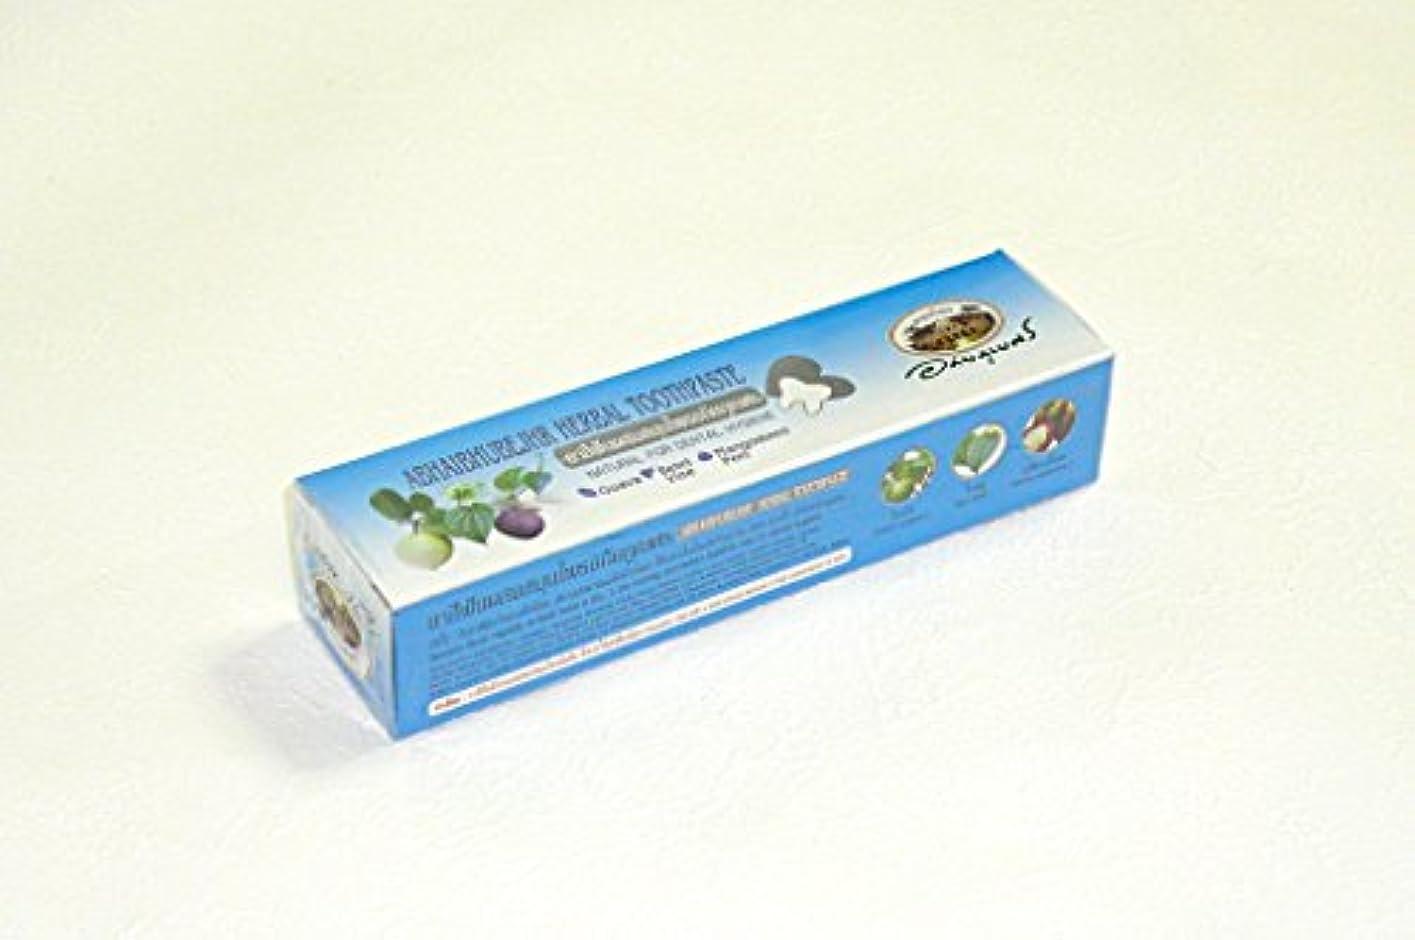 レジ文字信頼性ハーバル歯磨き粉 70g [並行輸入品]